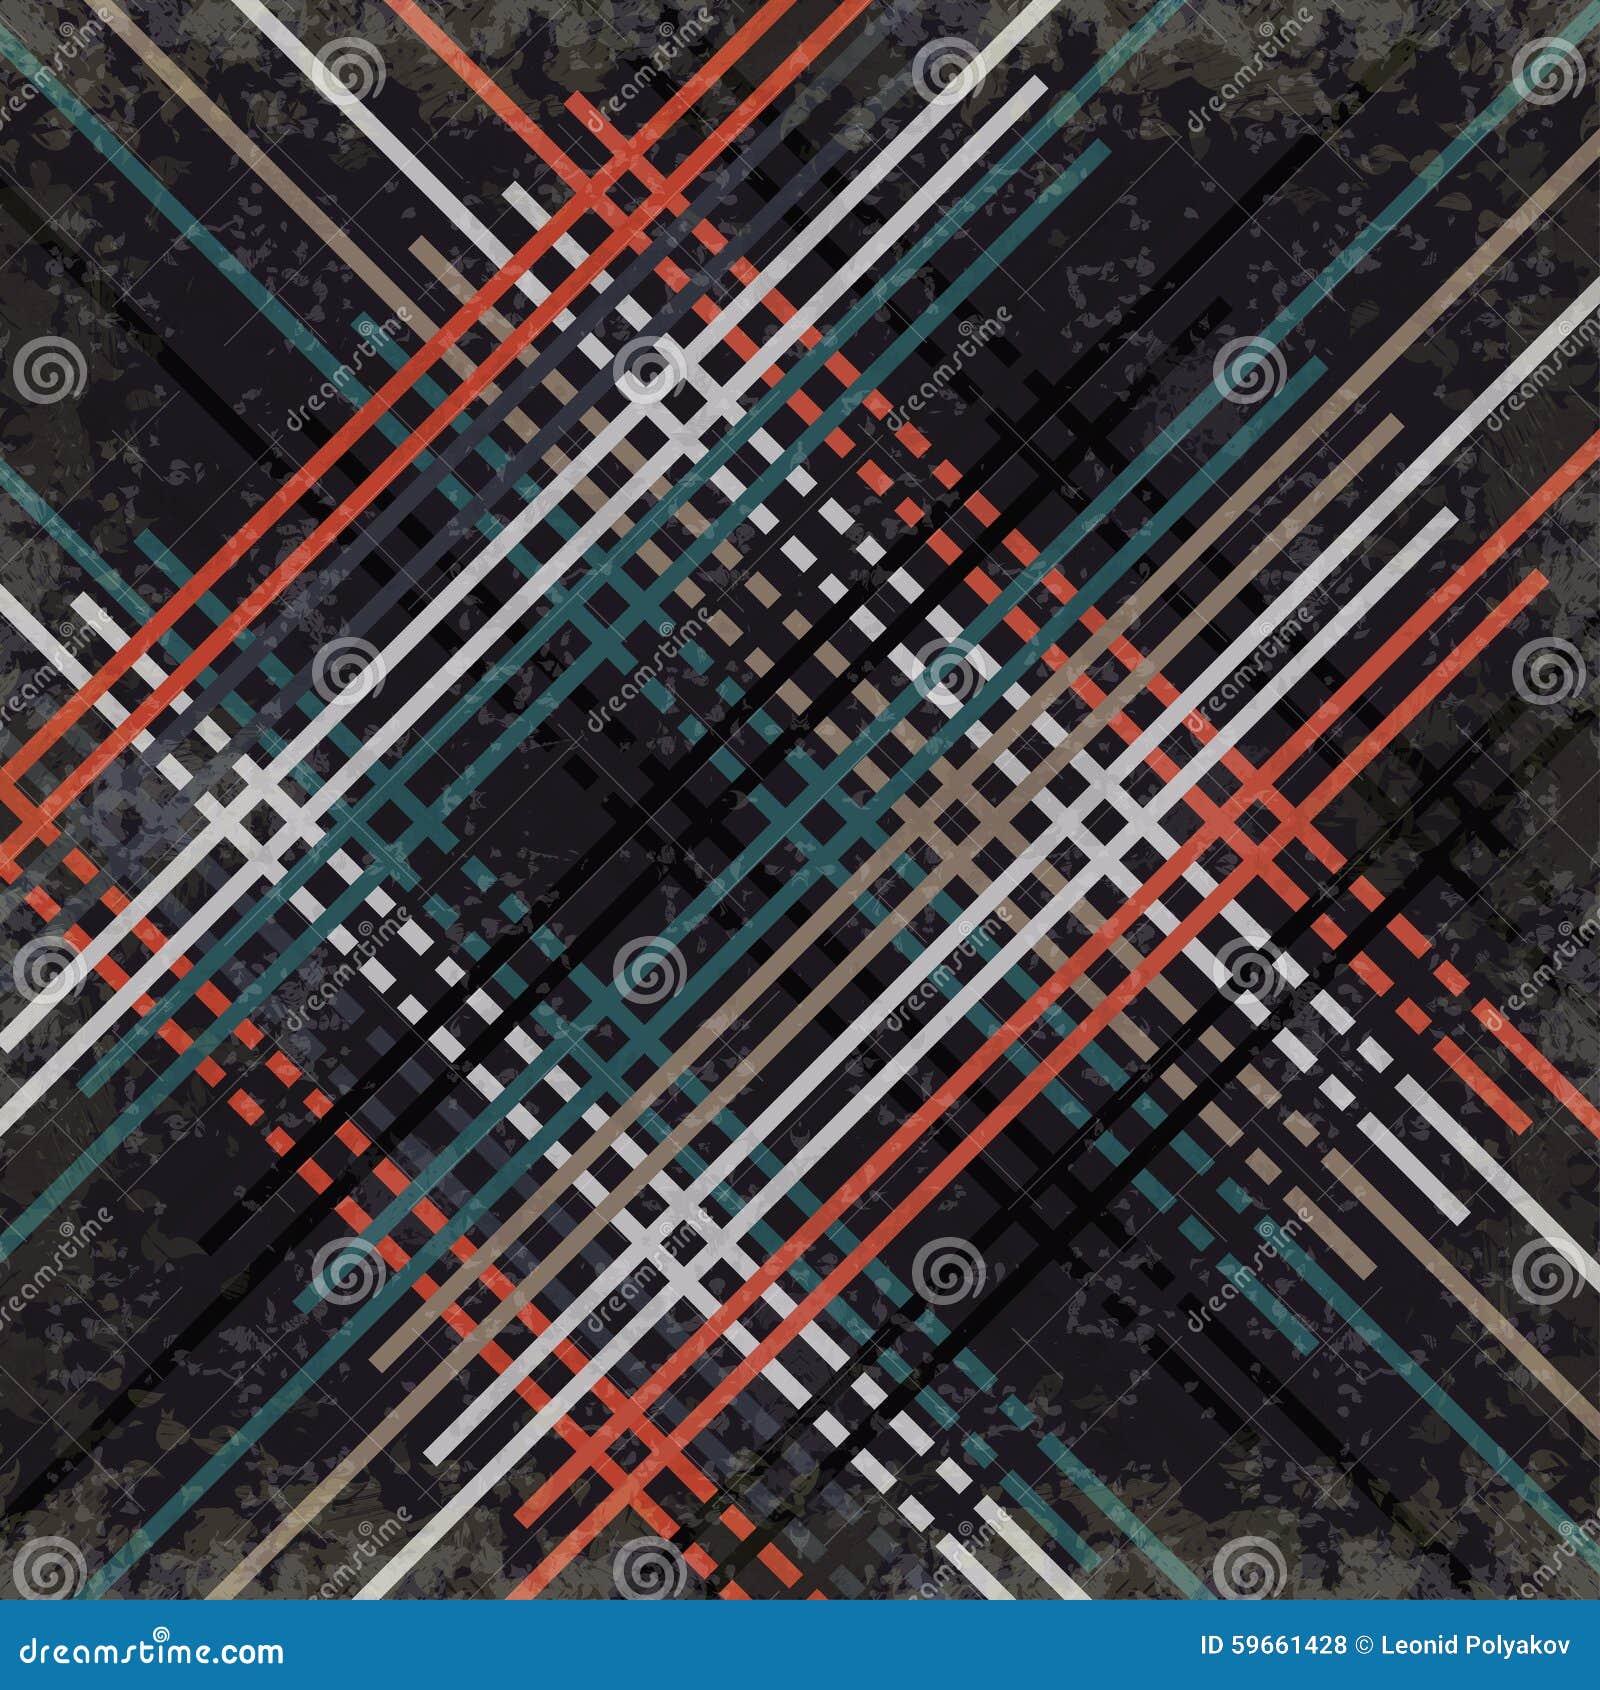 Κόκκινες μαύρες μπλε και γκρίζες γραμμές σε μια σκοτεινή επίδραση απεικόνισης υποβάθρου διανυσματική grunge